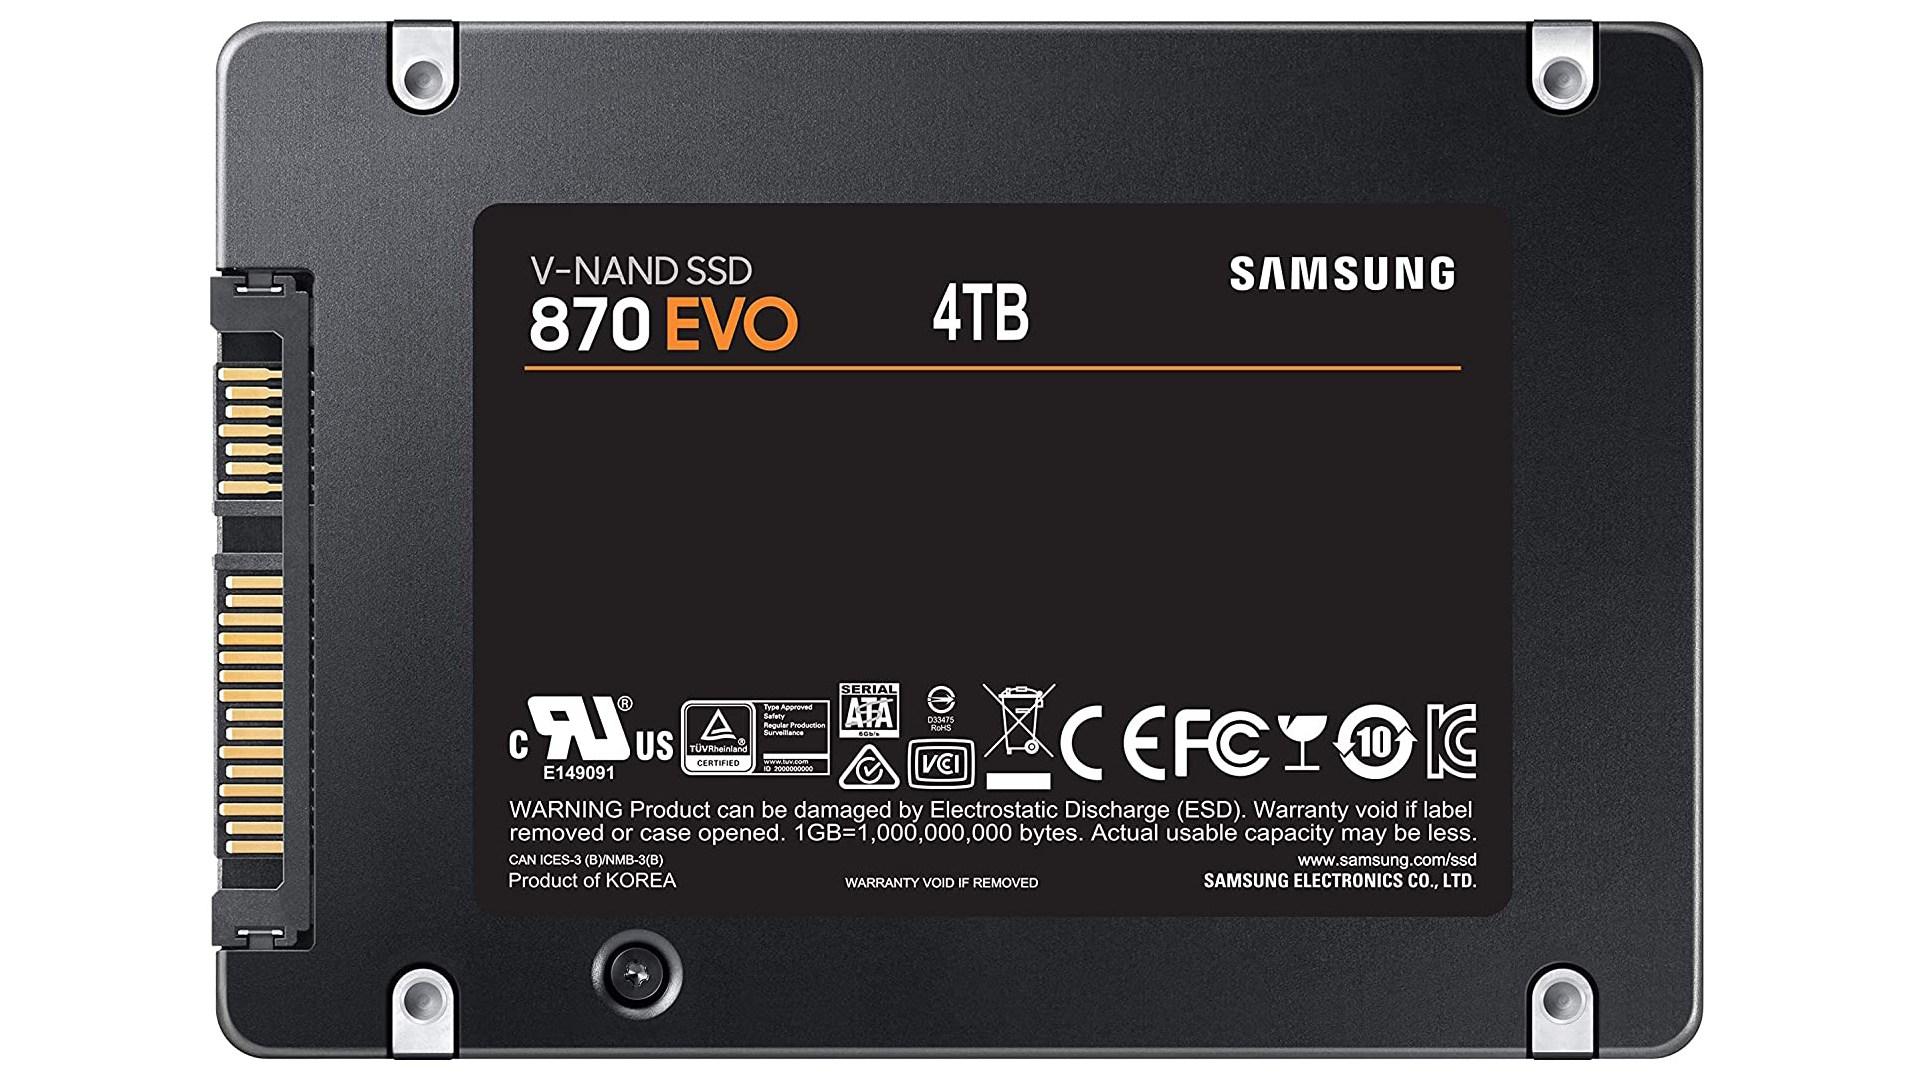 Samsung, Speicher, Ssd, Flash, Solid State Drive, Terabyte, Gigabyte, Speichermedien, Lesen, M.2, Sata, V-Nand, Schreiben, Übertragungsrate, Evo, Lesegeschwindigkeit, Schreibgeschwindigkeit, MLC, Samsung 870 EVO